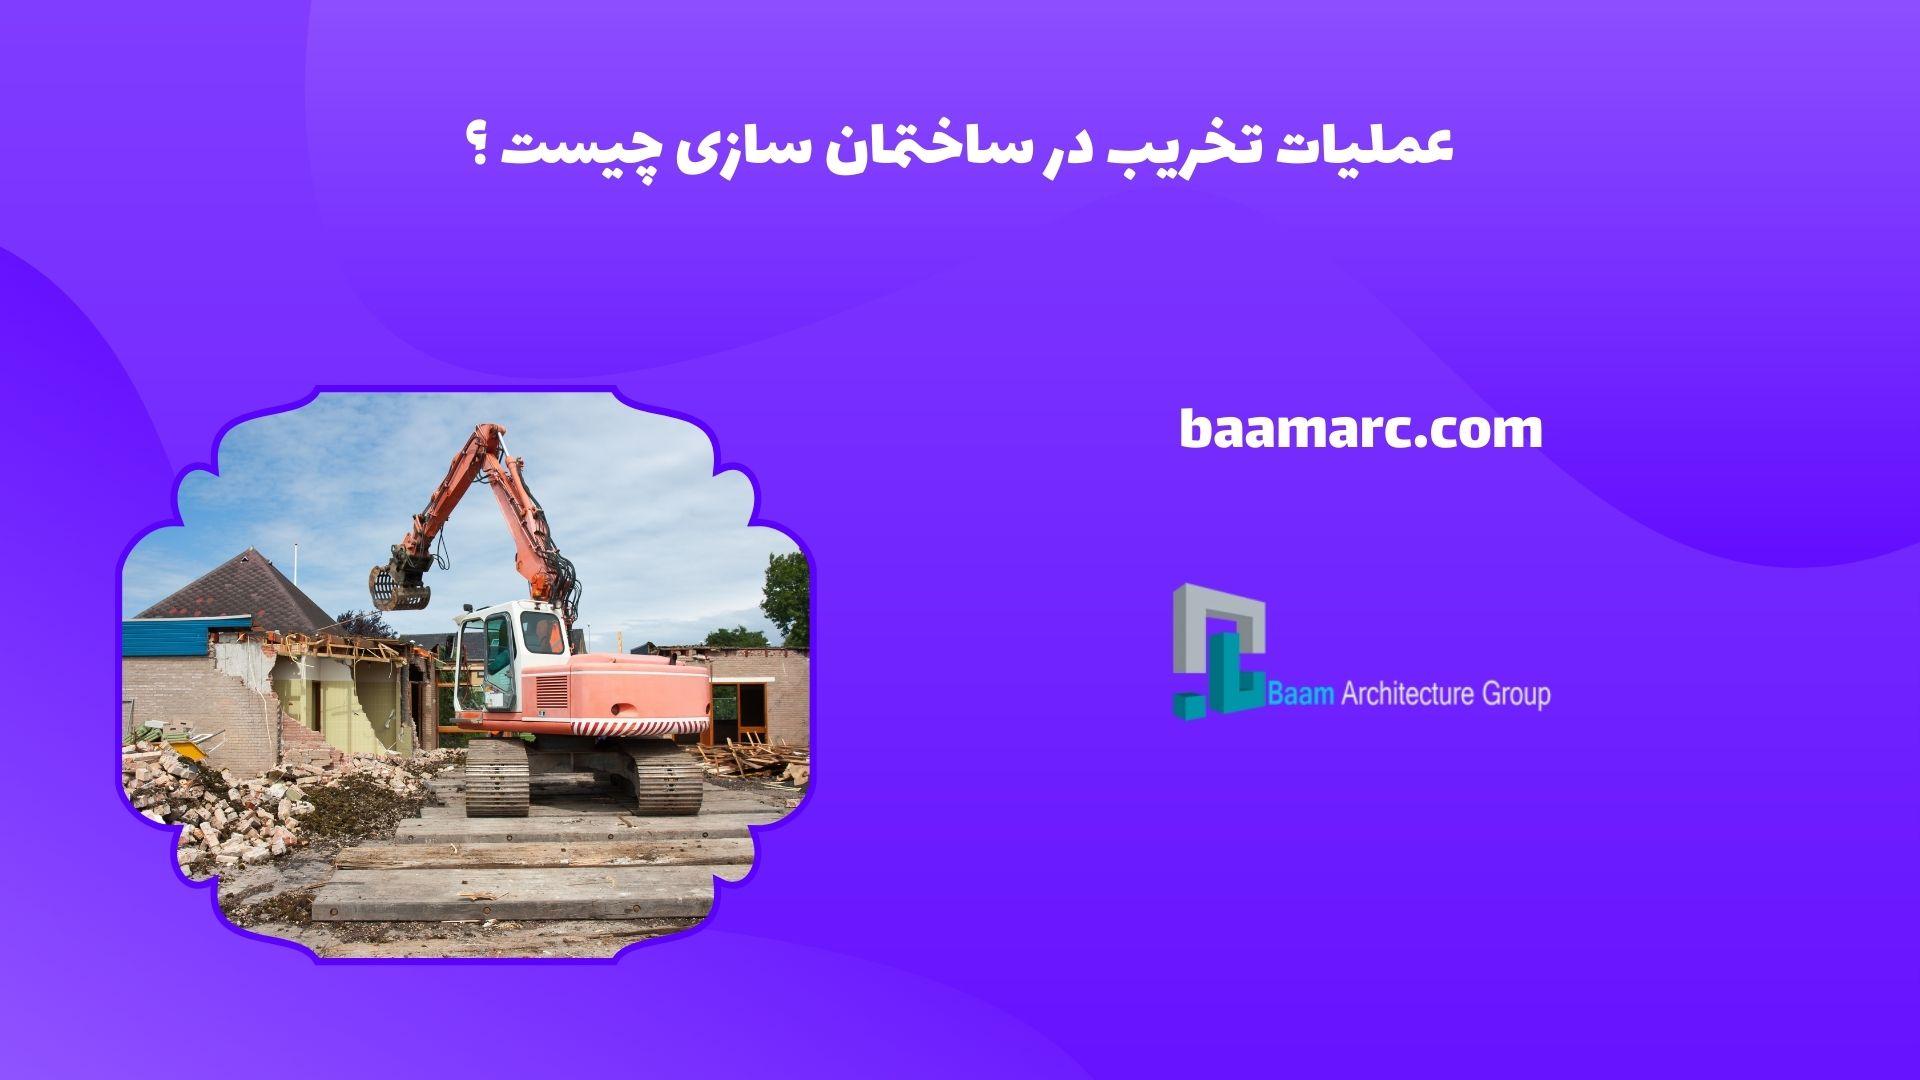 عملیات تخریب در ساختمان سازی چیست؟